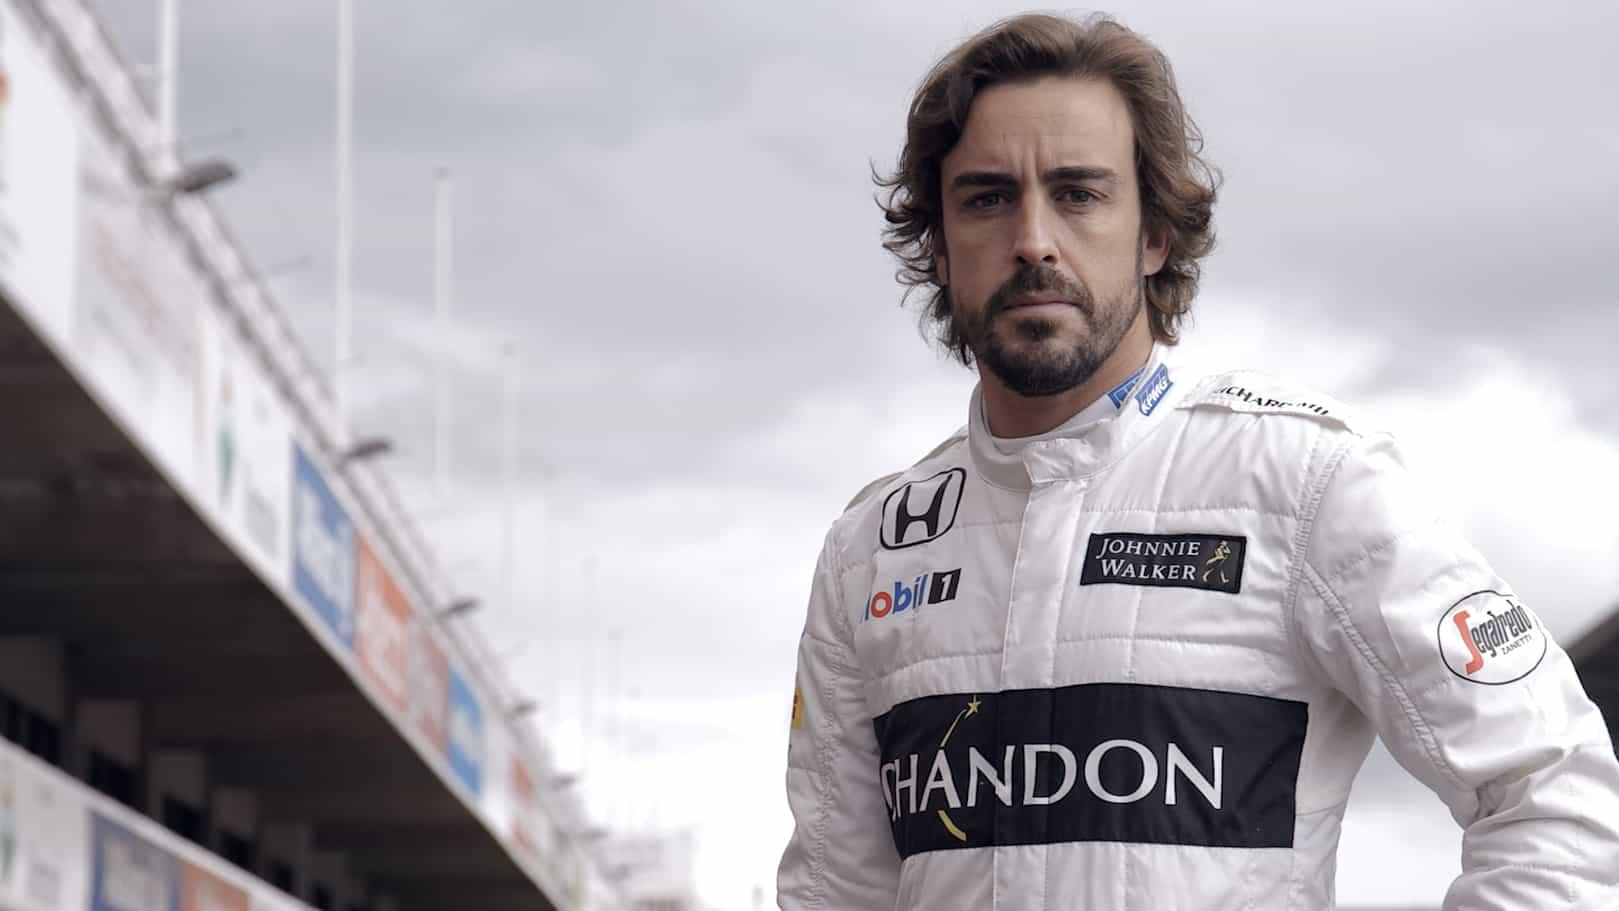 Alonso sarebbe interessato al posto di Vettel alla Ferrari - ClubAlfa.it